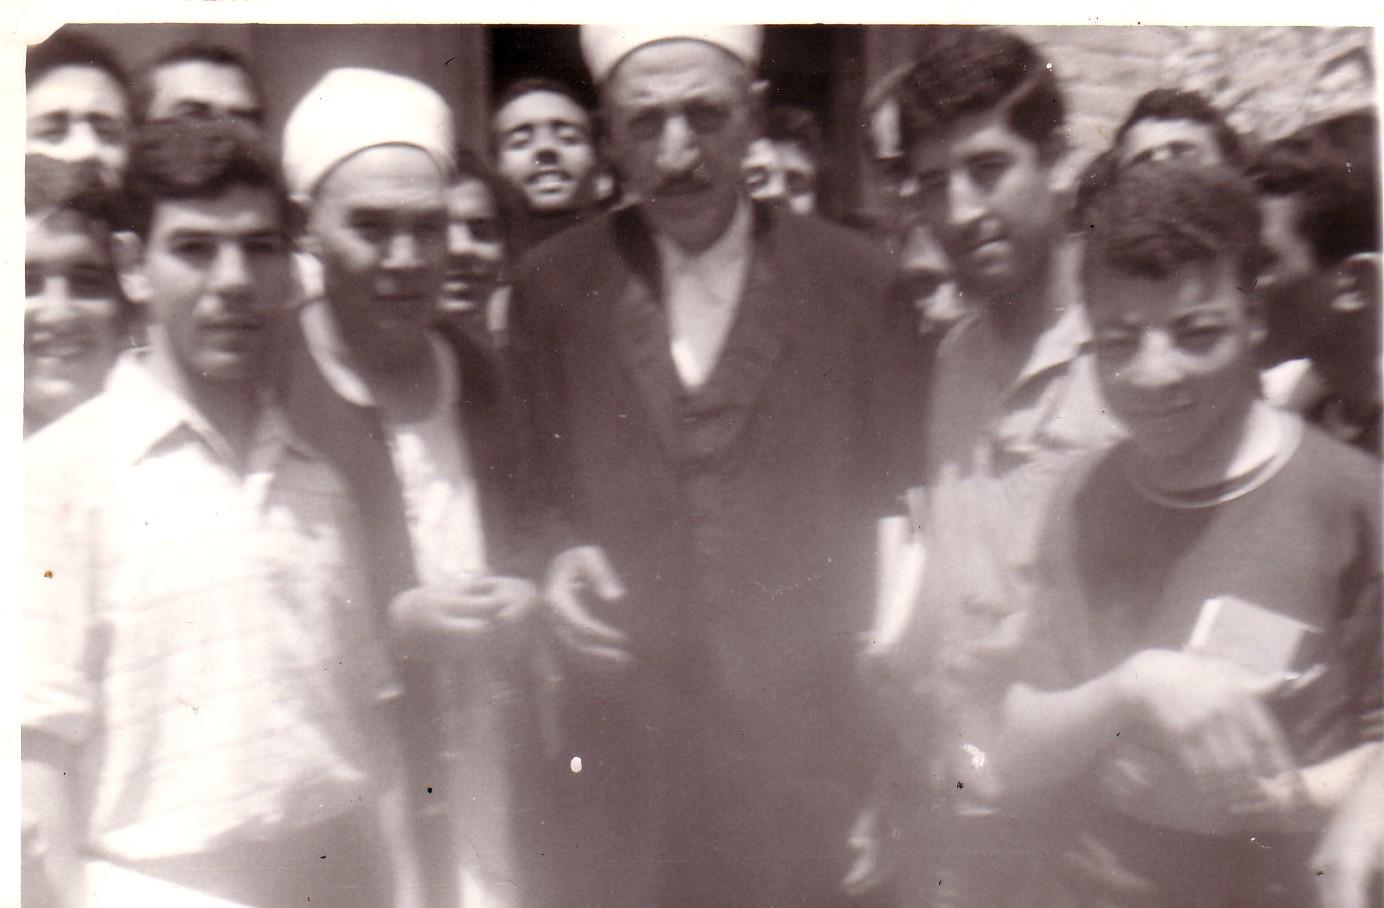 أحمد خيّاط بجانب العلاّمة الشيخ ' أبو زهرة - الجزائر 1969